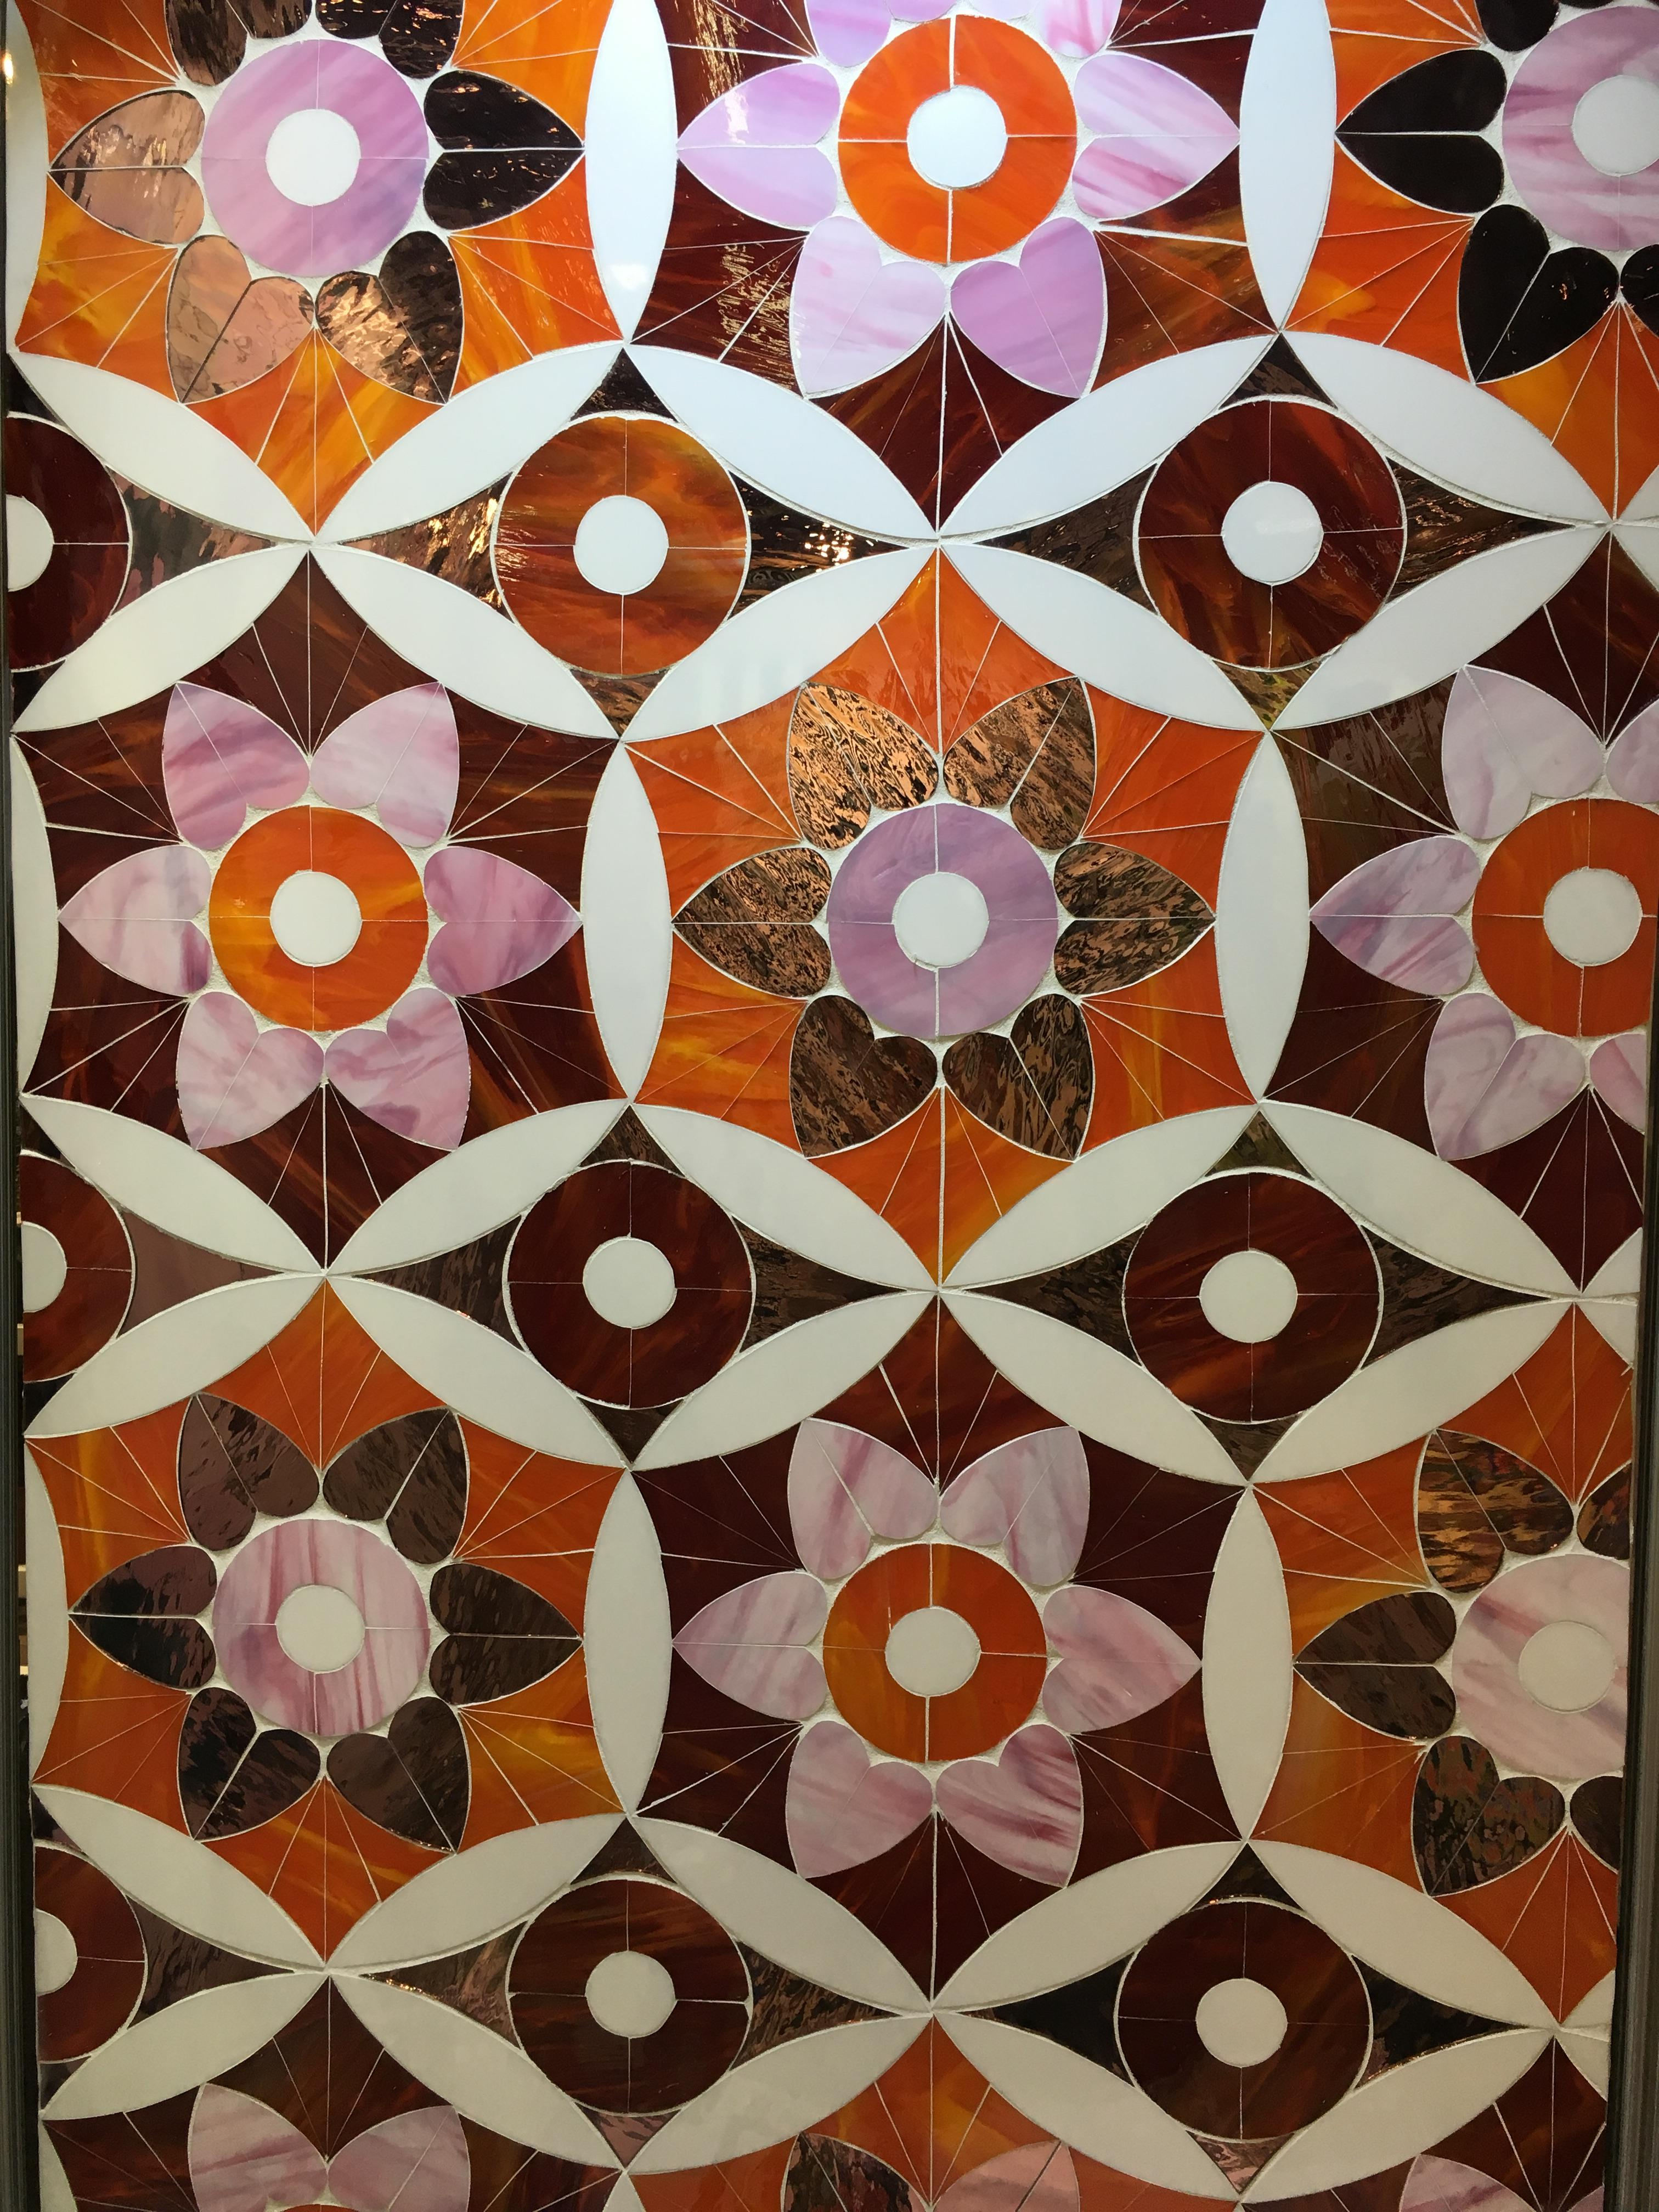 alison-eden-mosaic-tile.jpg